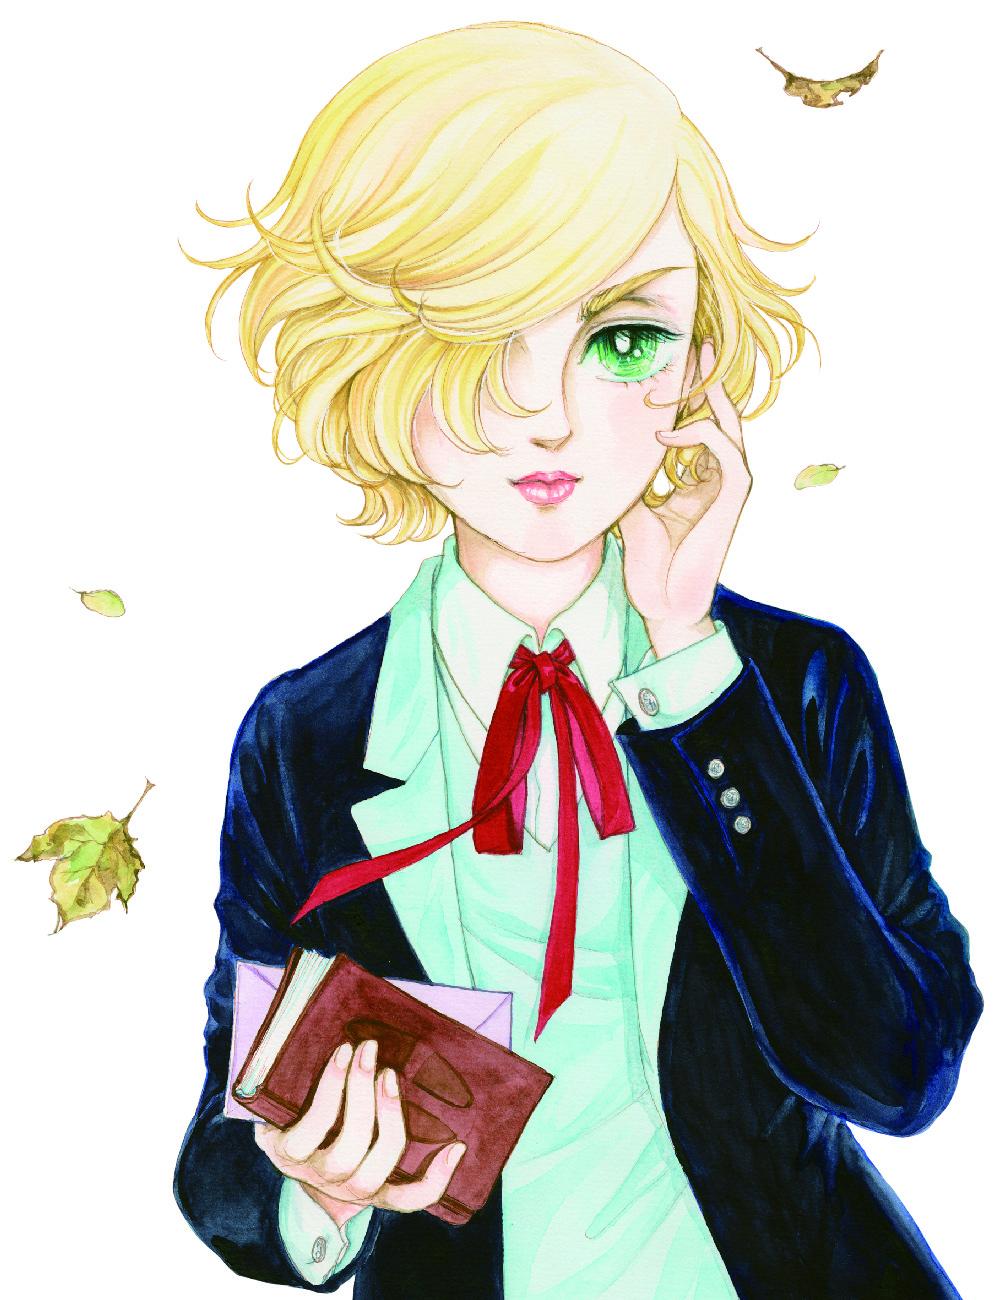 『風と木の詩』よりジルベール (C)竹宮惠子